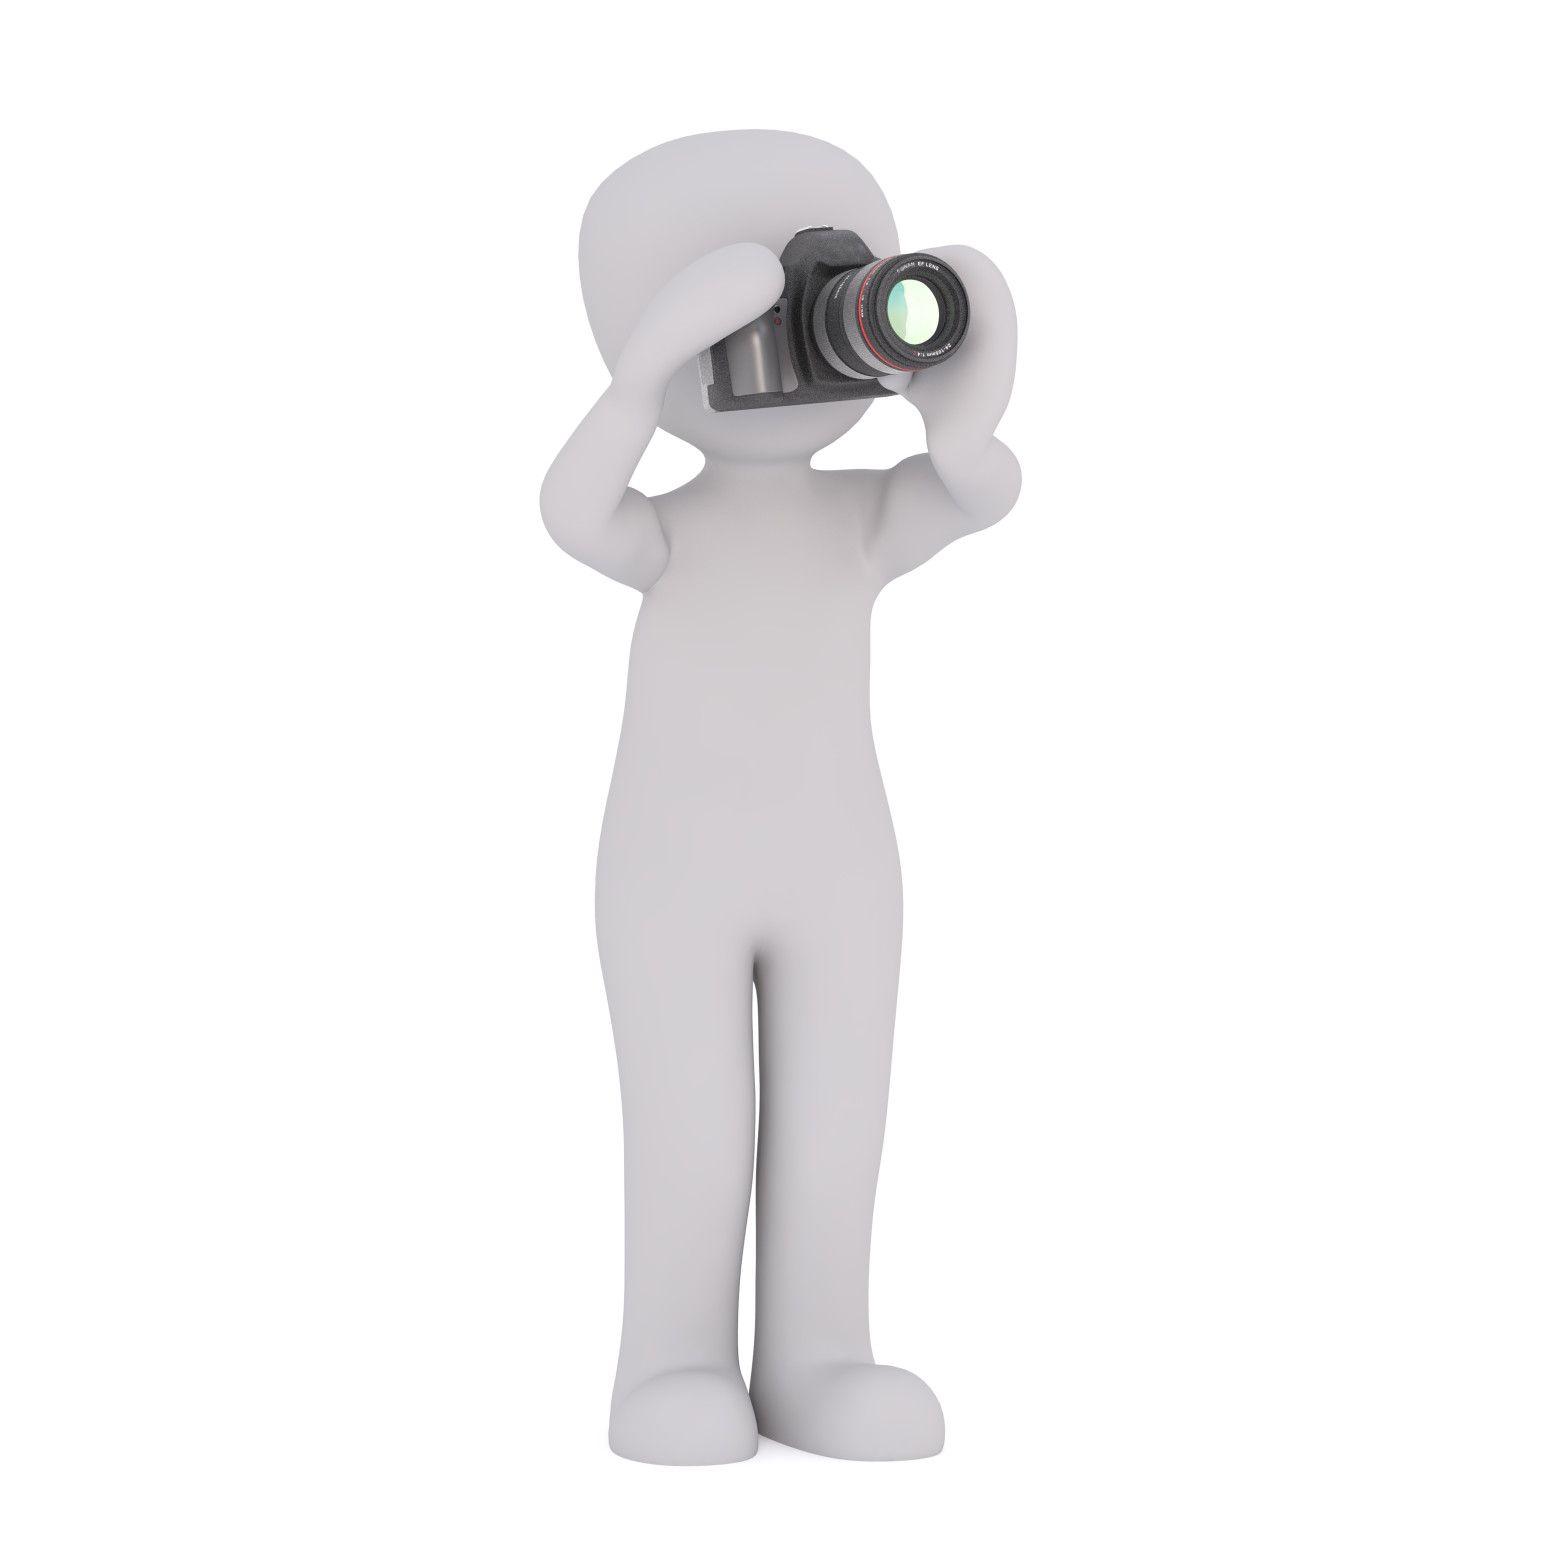 Favorit images-gratuites-libres-de-droits-sans-droits-d-auteur   3D PEOPLE  YP76